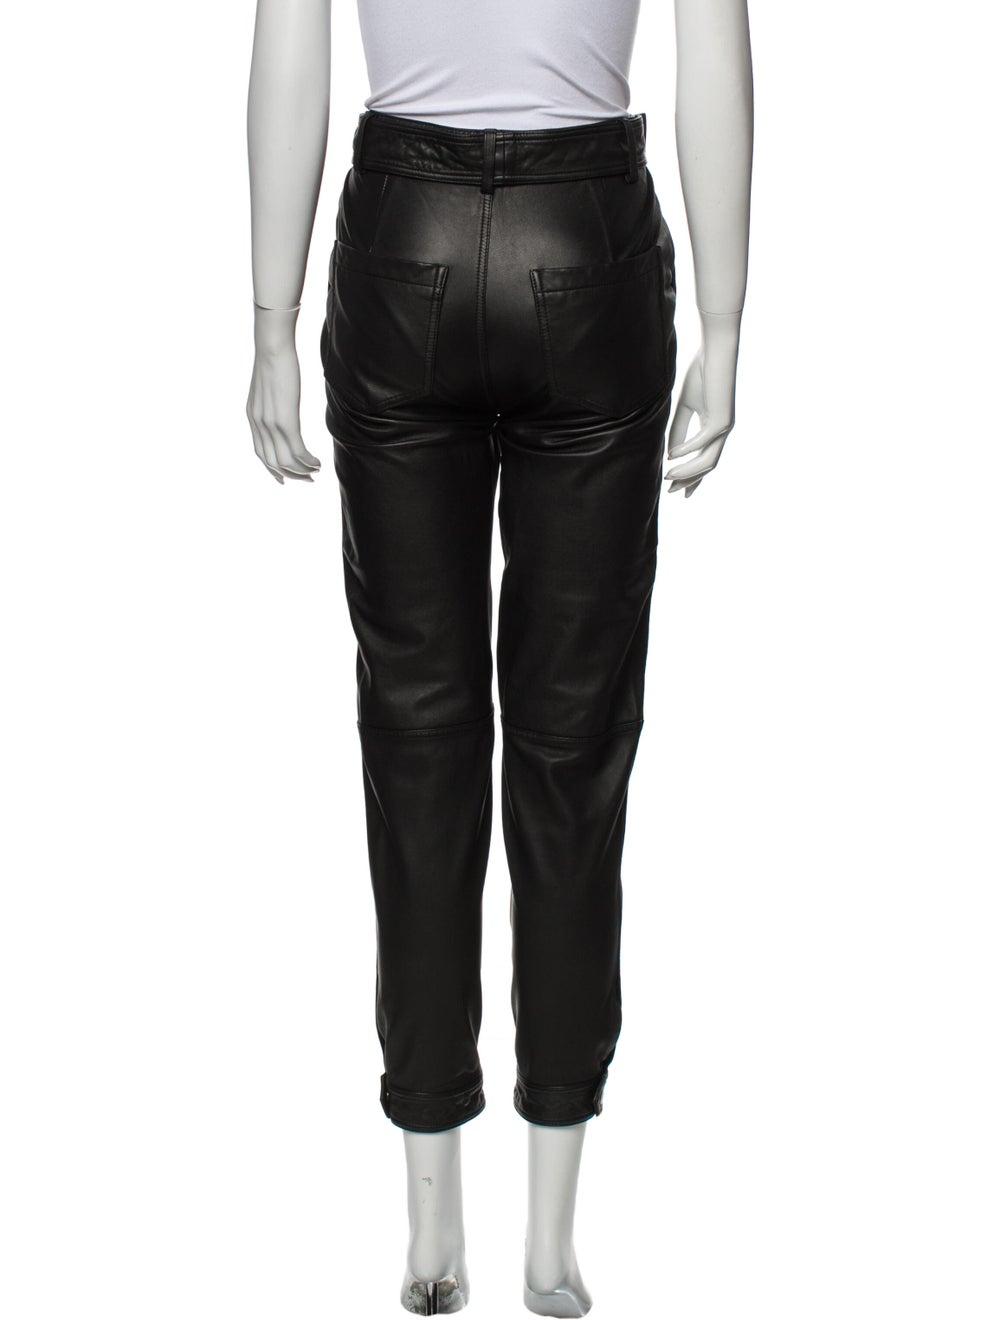 J Brand Lamb Leather Skinny Leg Pants Black - image 3